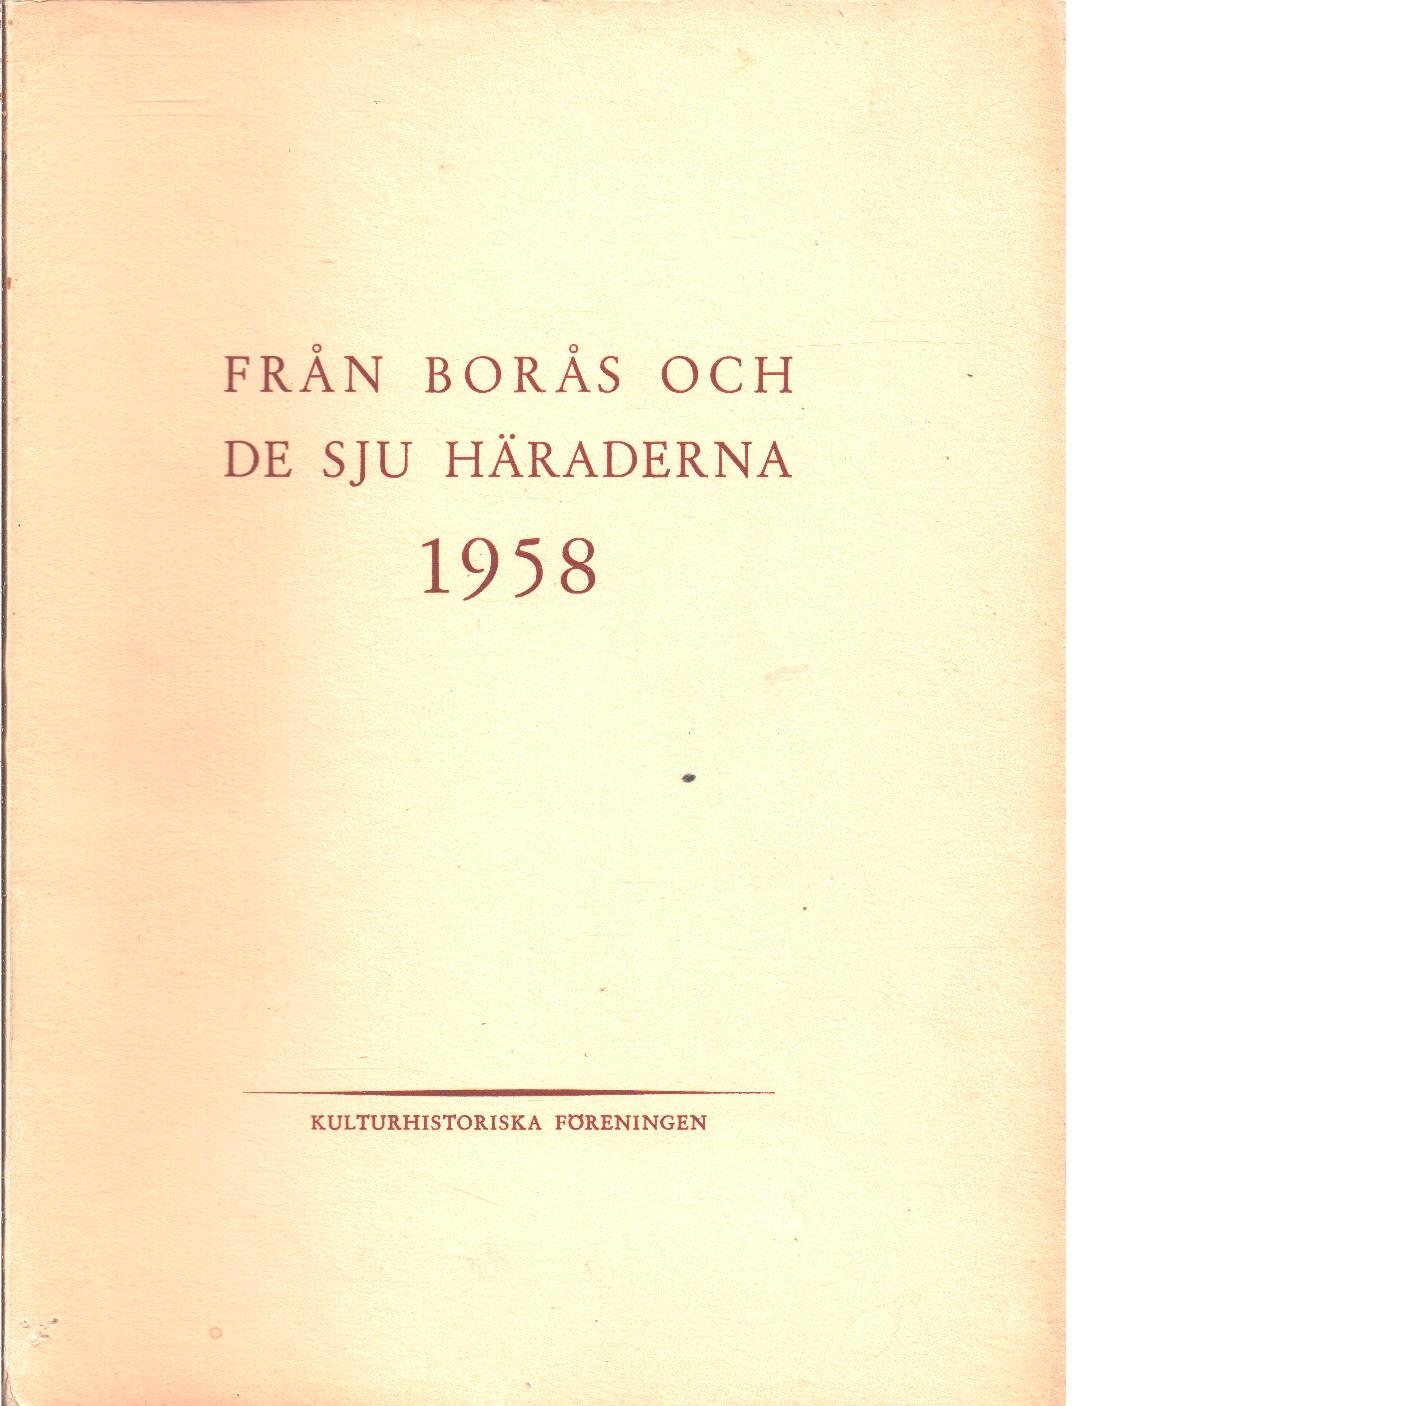 Från Borås och de sju häraderna. 1958 - Red. De sju häradernas kulturhistoriska förening